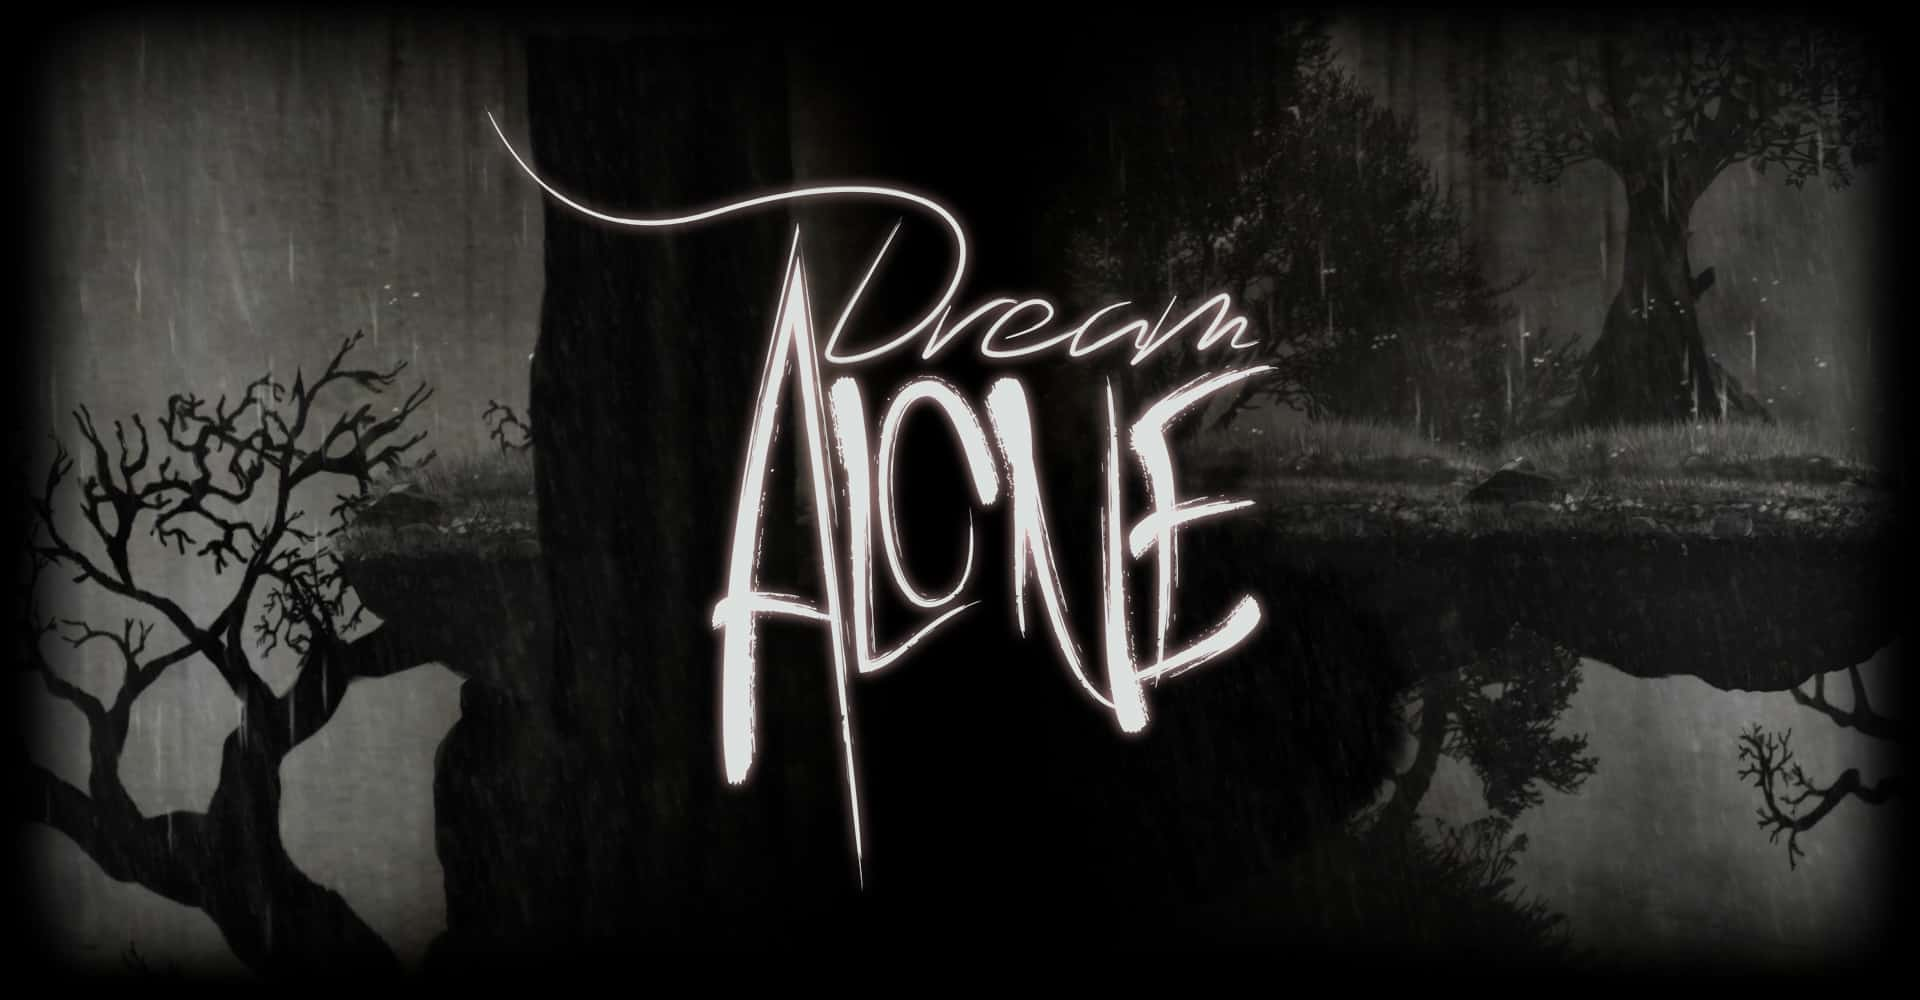 Dream Alone kostenlos und herunterladen PC